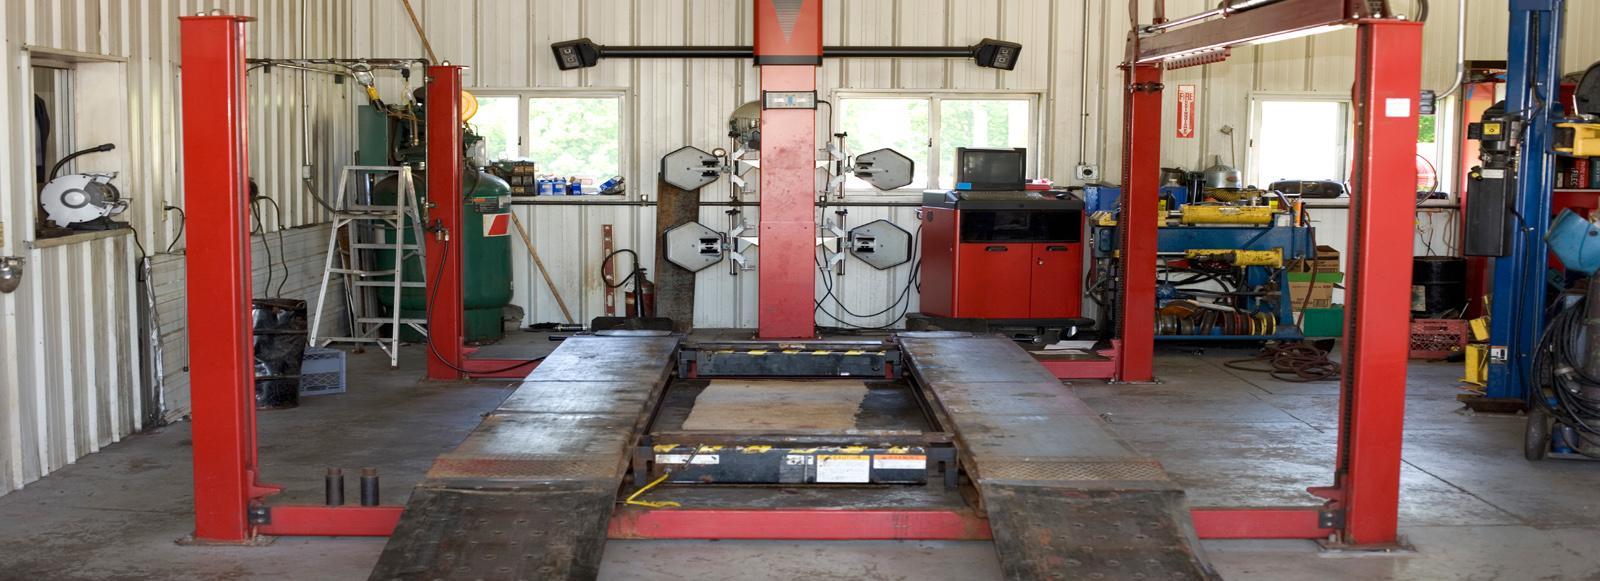 Bills Alignment Auto Service Inc Expert Auto Repair Indianapolis In 46222